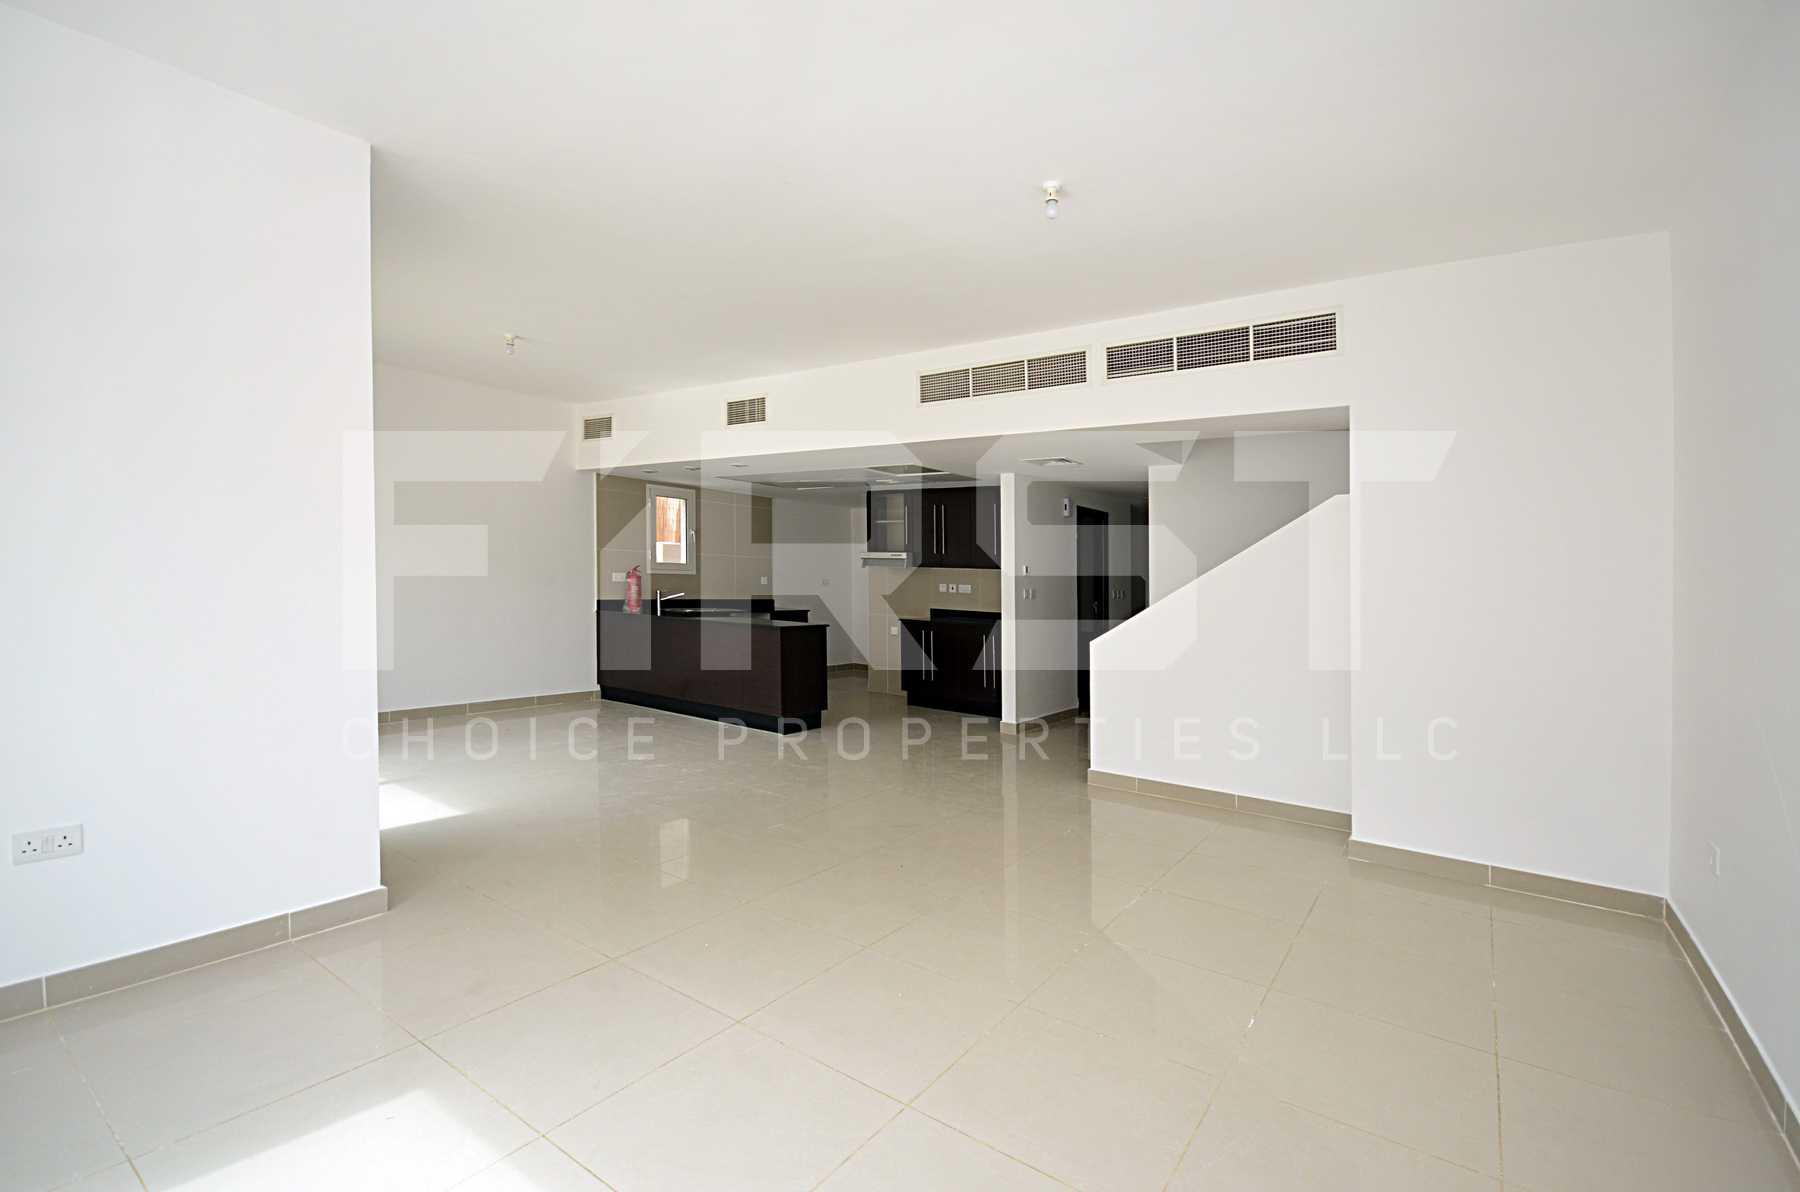 4. Internal Photo of 4 Bedroom Villa in Al Reef Villas Al Reef Abu Dhabi UAE 265.5 sq.m 2858 sq.ft (41).jpg